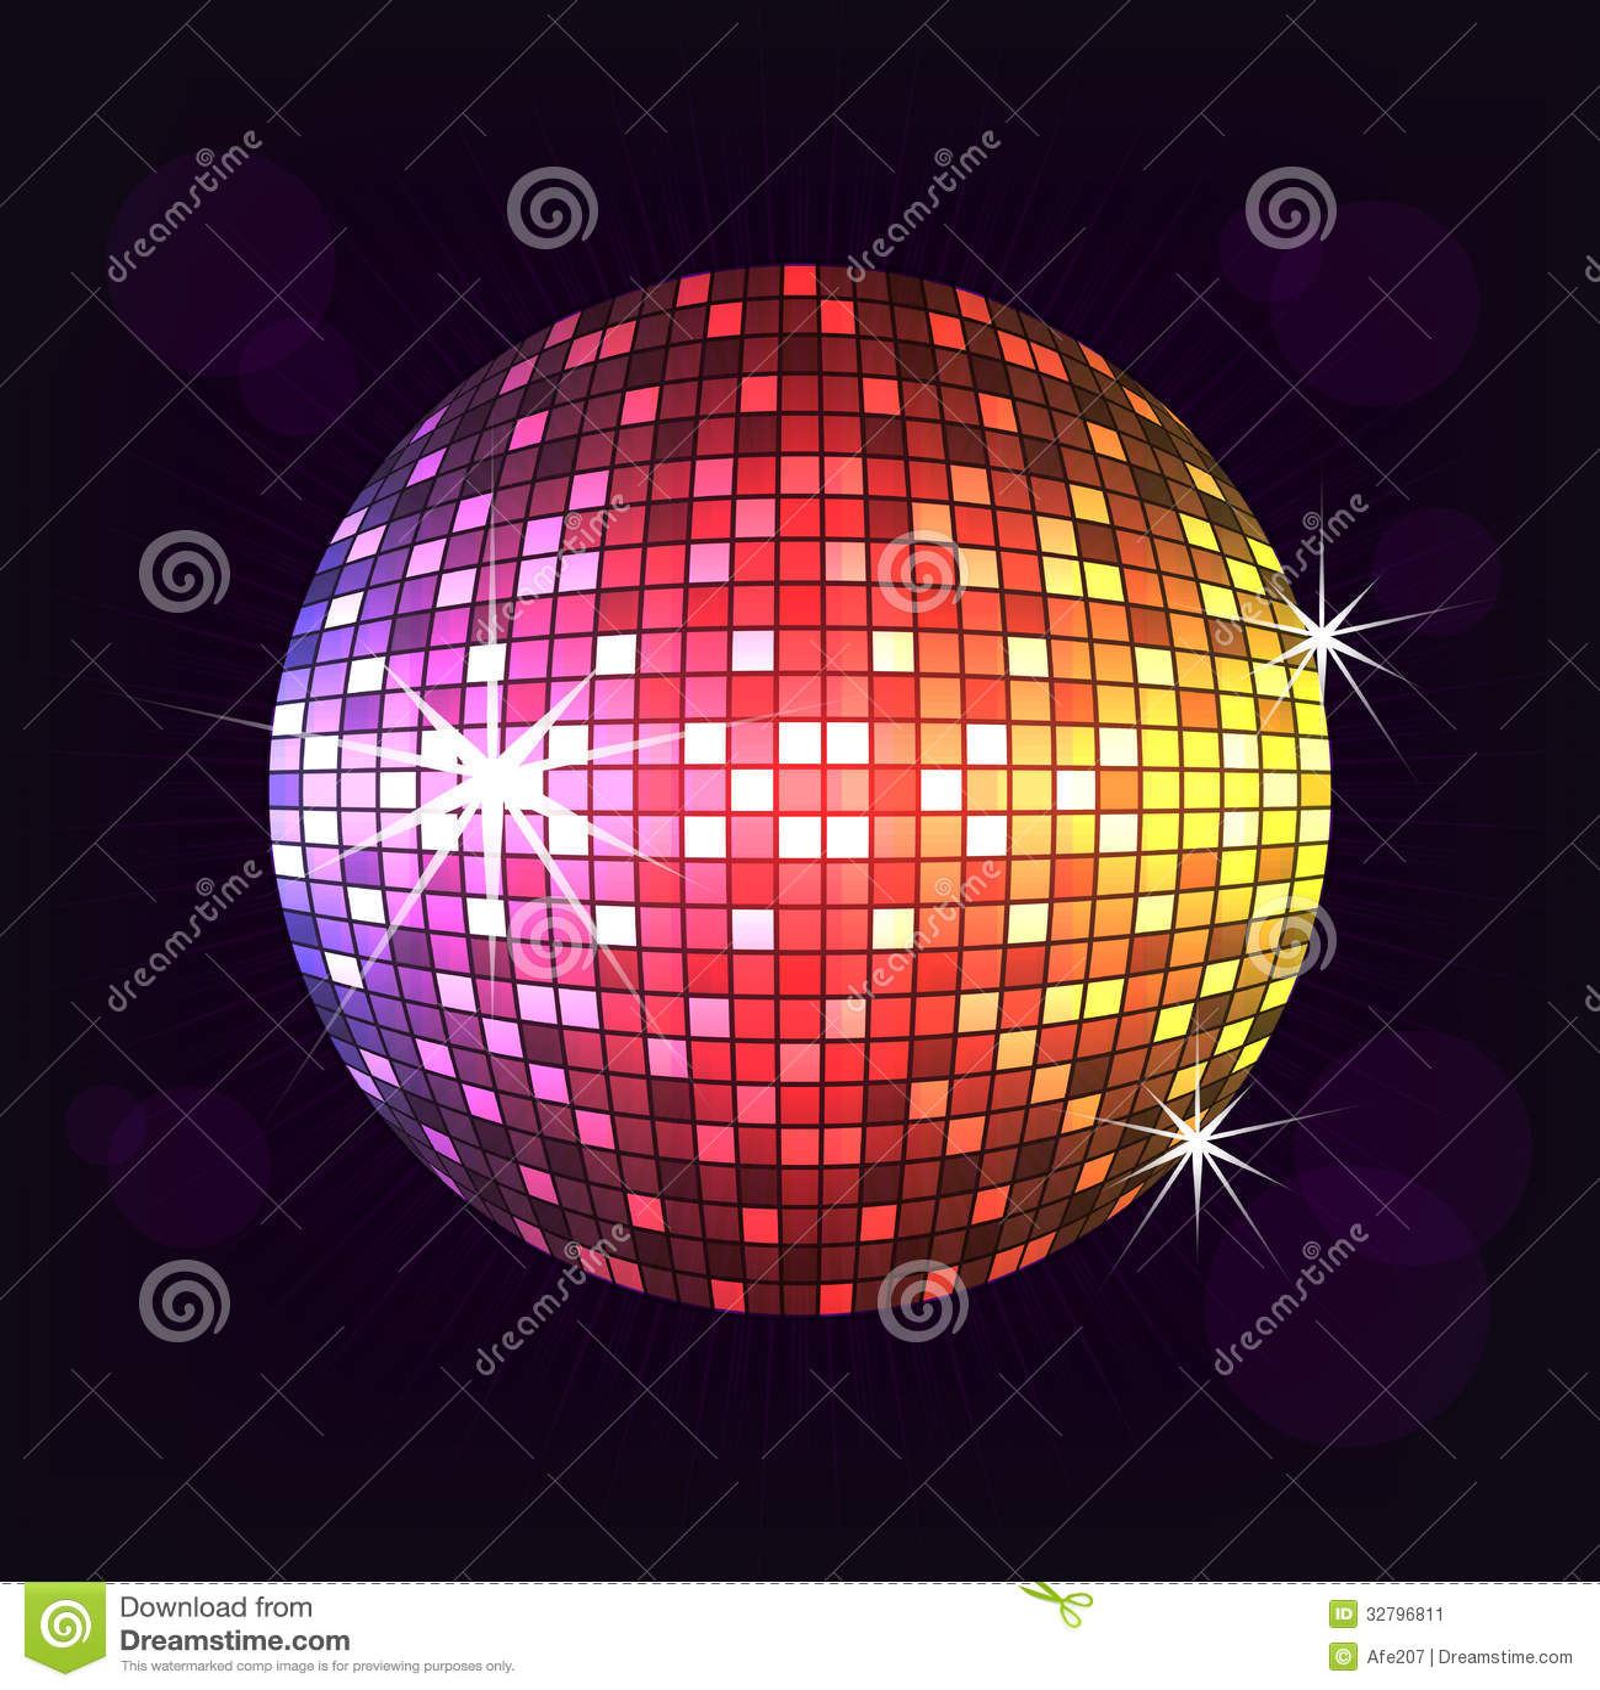 Vector de la noche de la bola de discoteca imagen de - Bola de discoteca de colores ...